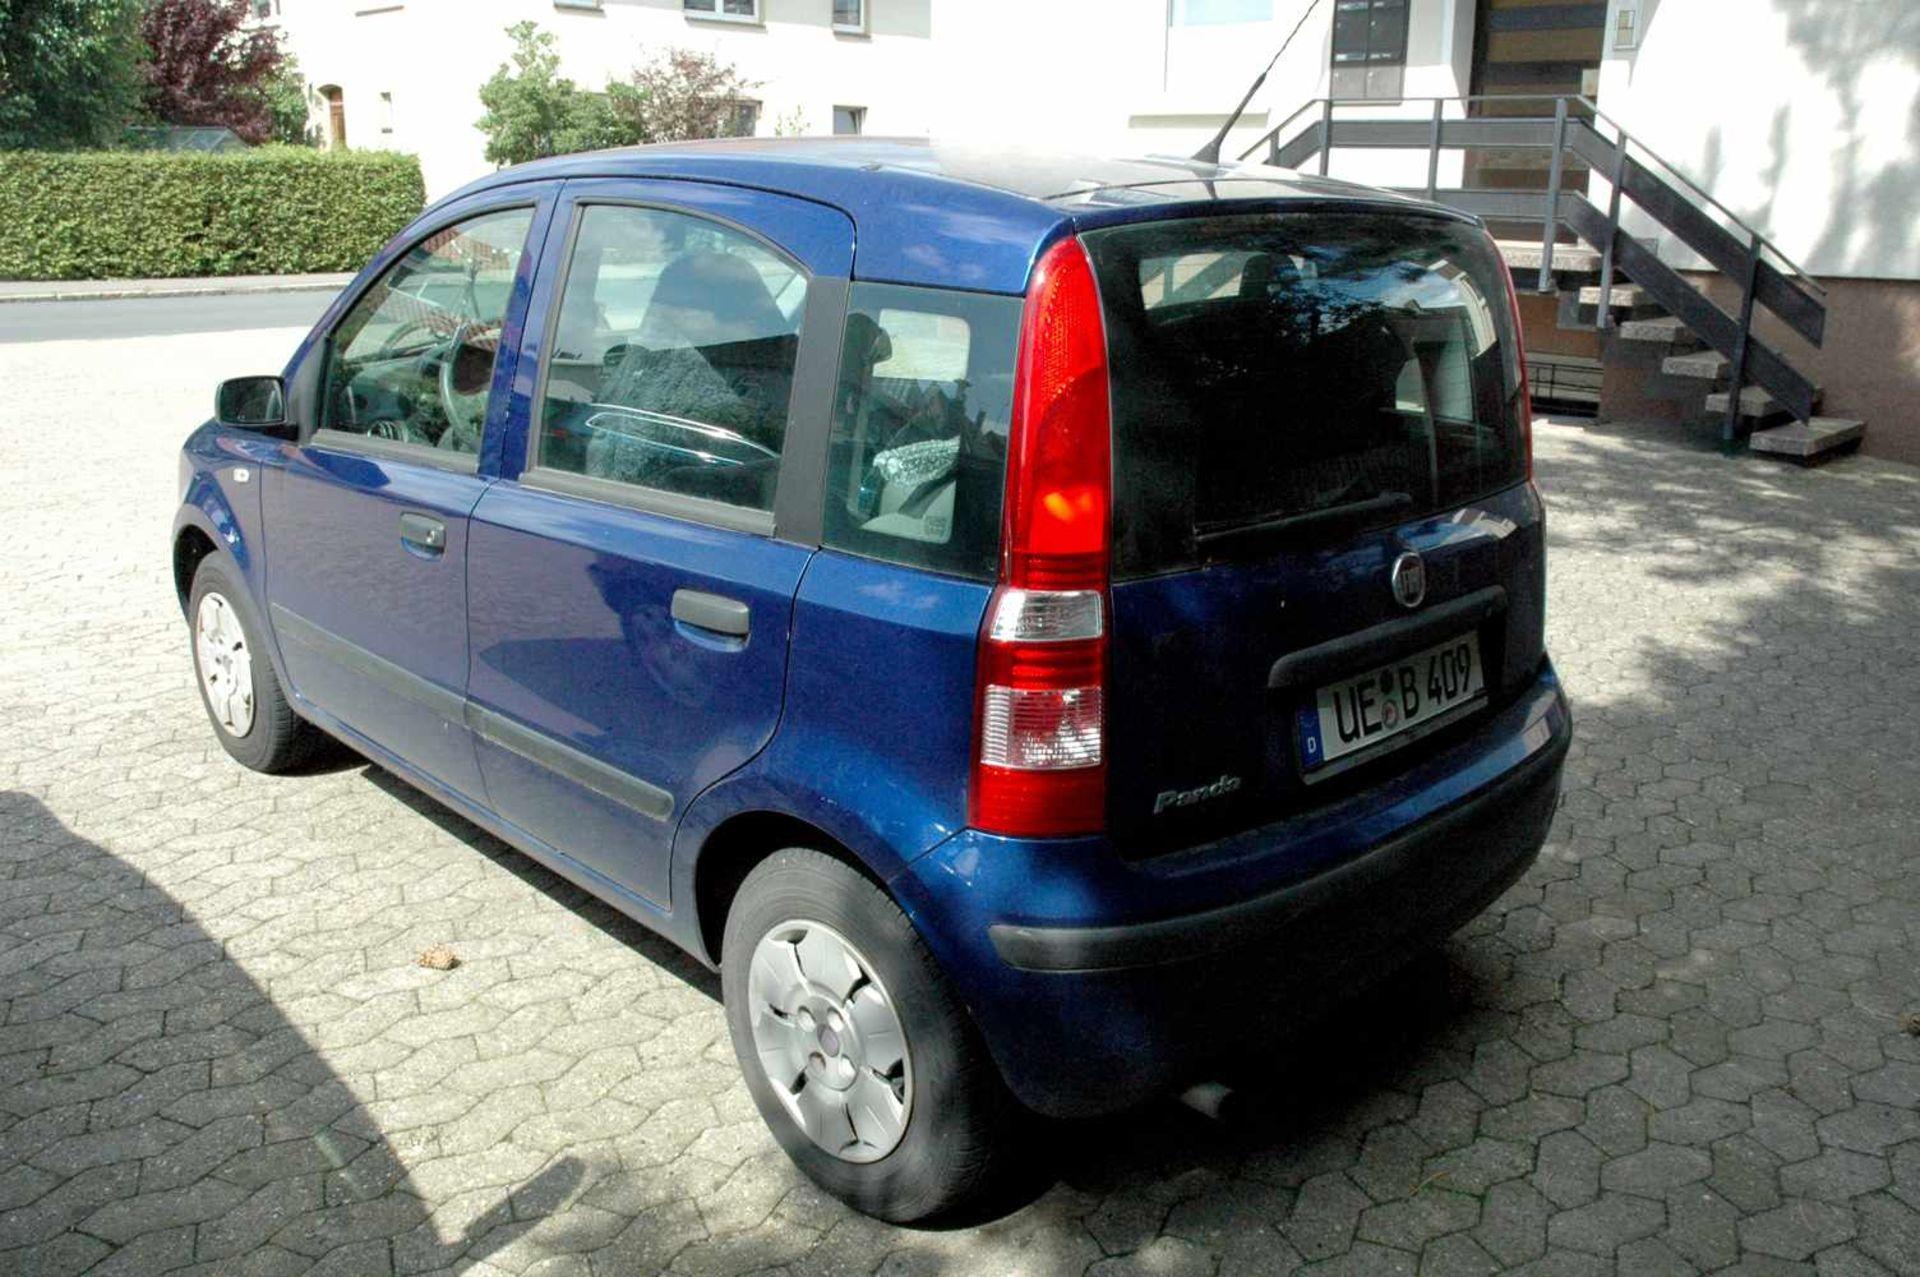 PKW, Fiat Panda, EZ 01.04.09, 40 kW, km-Stand: 130965m blau, TÜV 9/20, Benziner, Brief nicht - Bild 4 aus 9